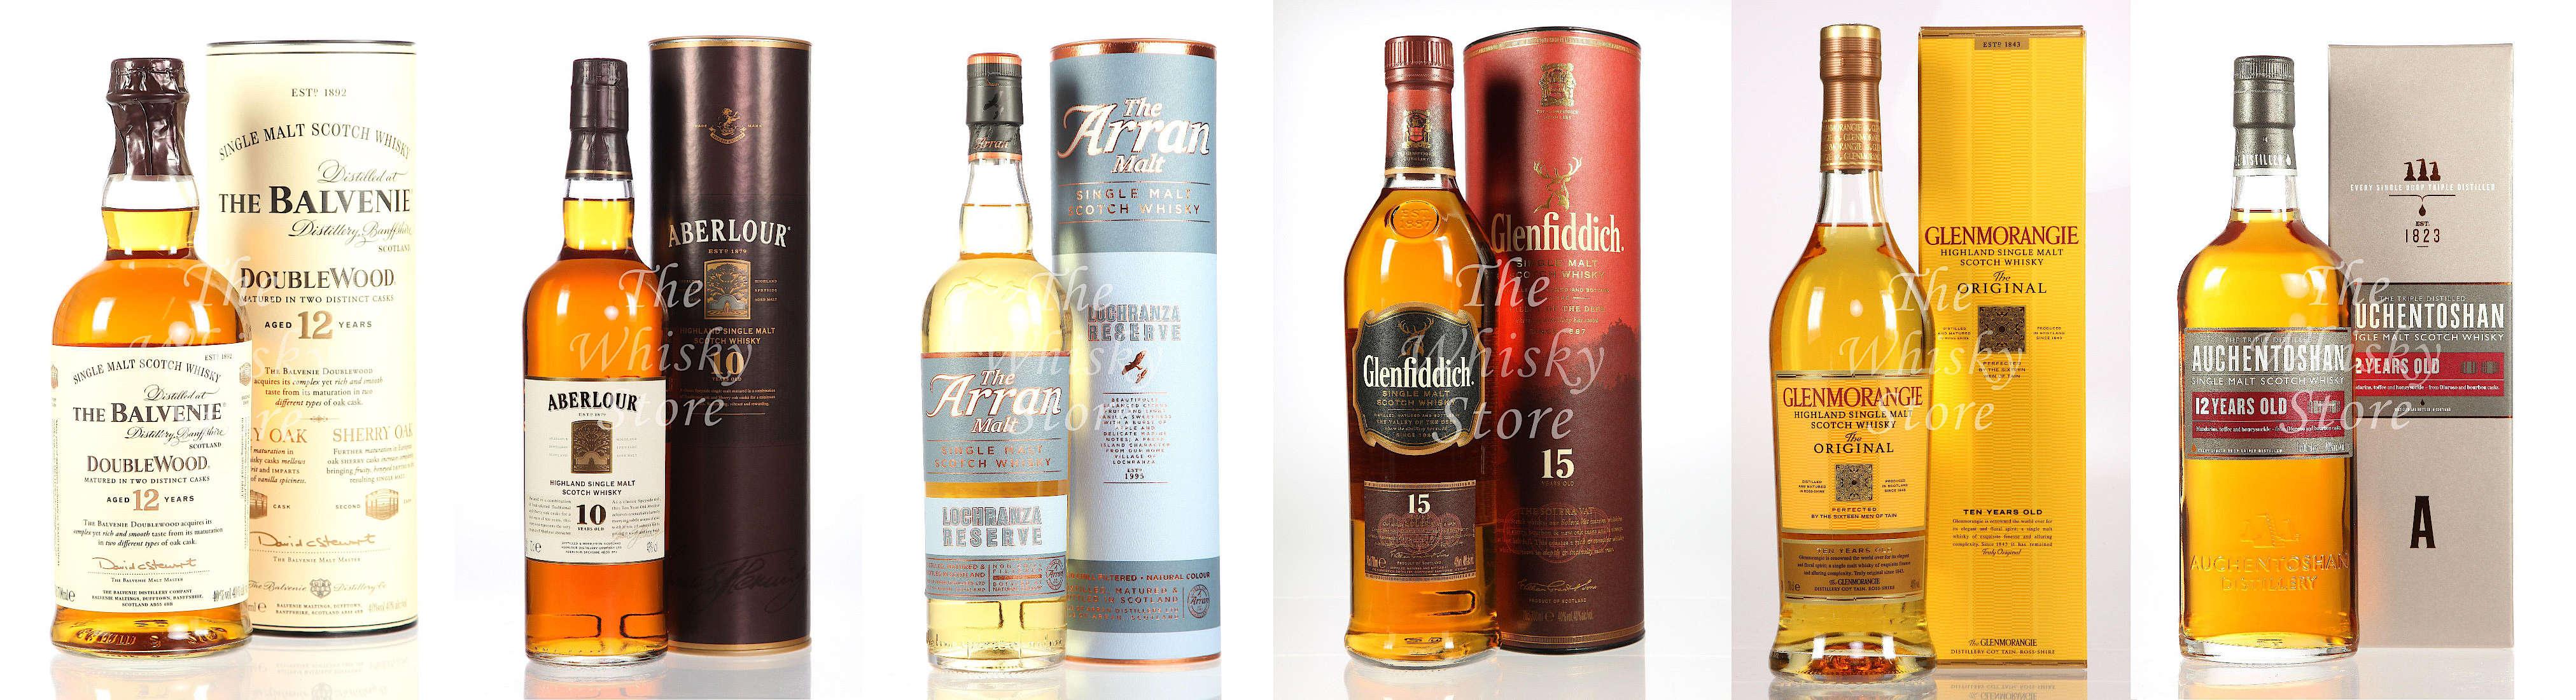 Einsteiger - Whisky.de